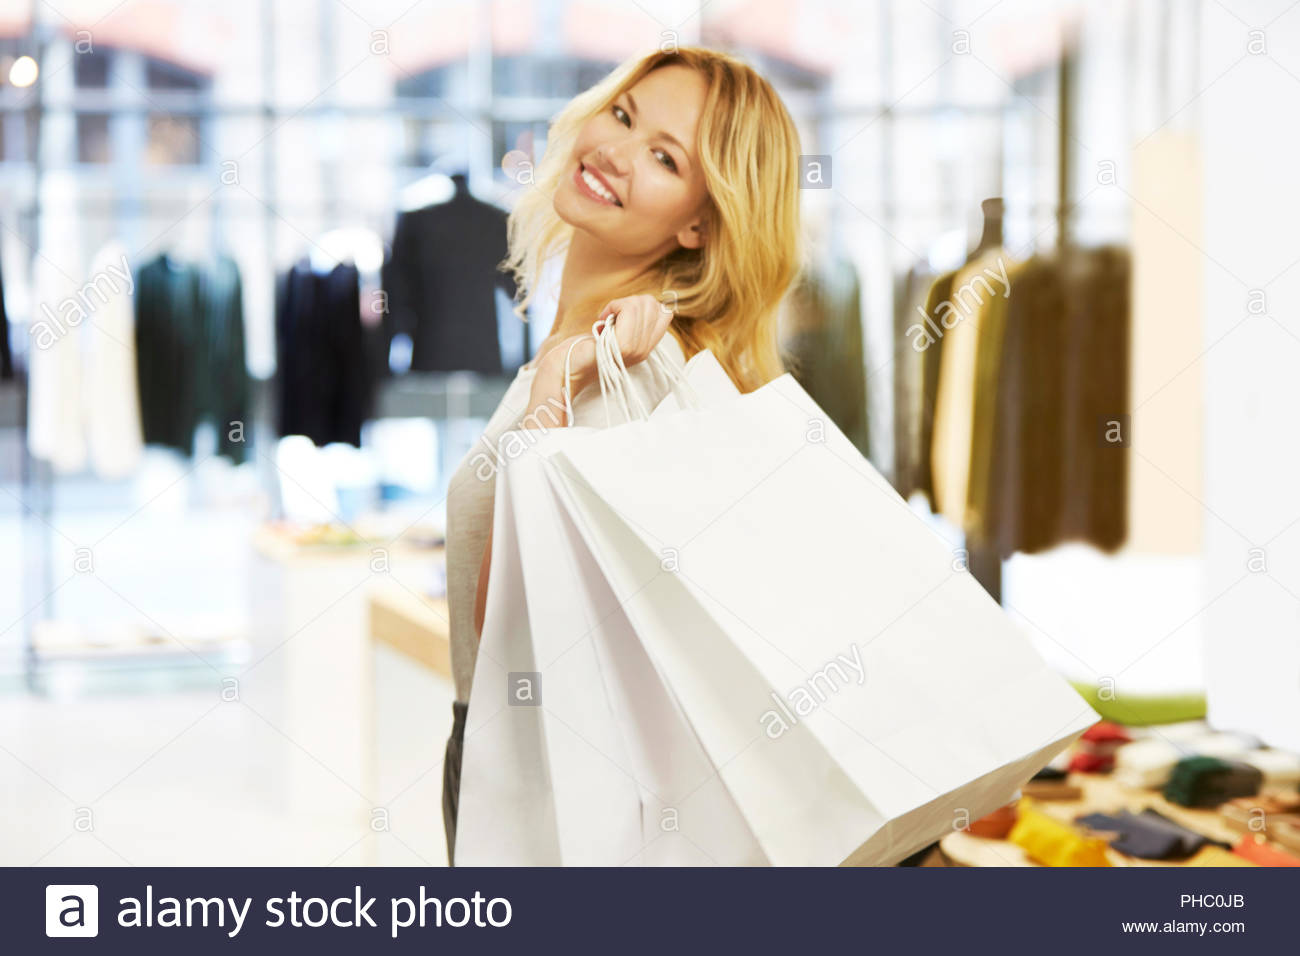 Sorridente giovane donna azienda borse per lo shopping. Immagini Stock